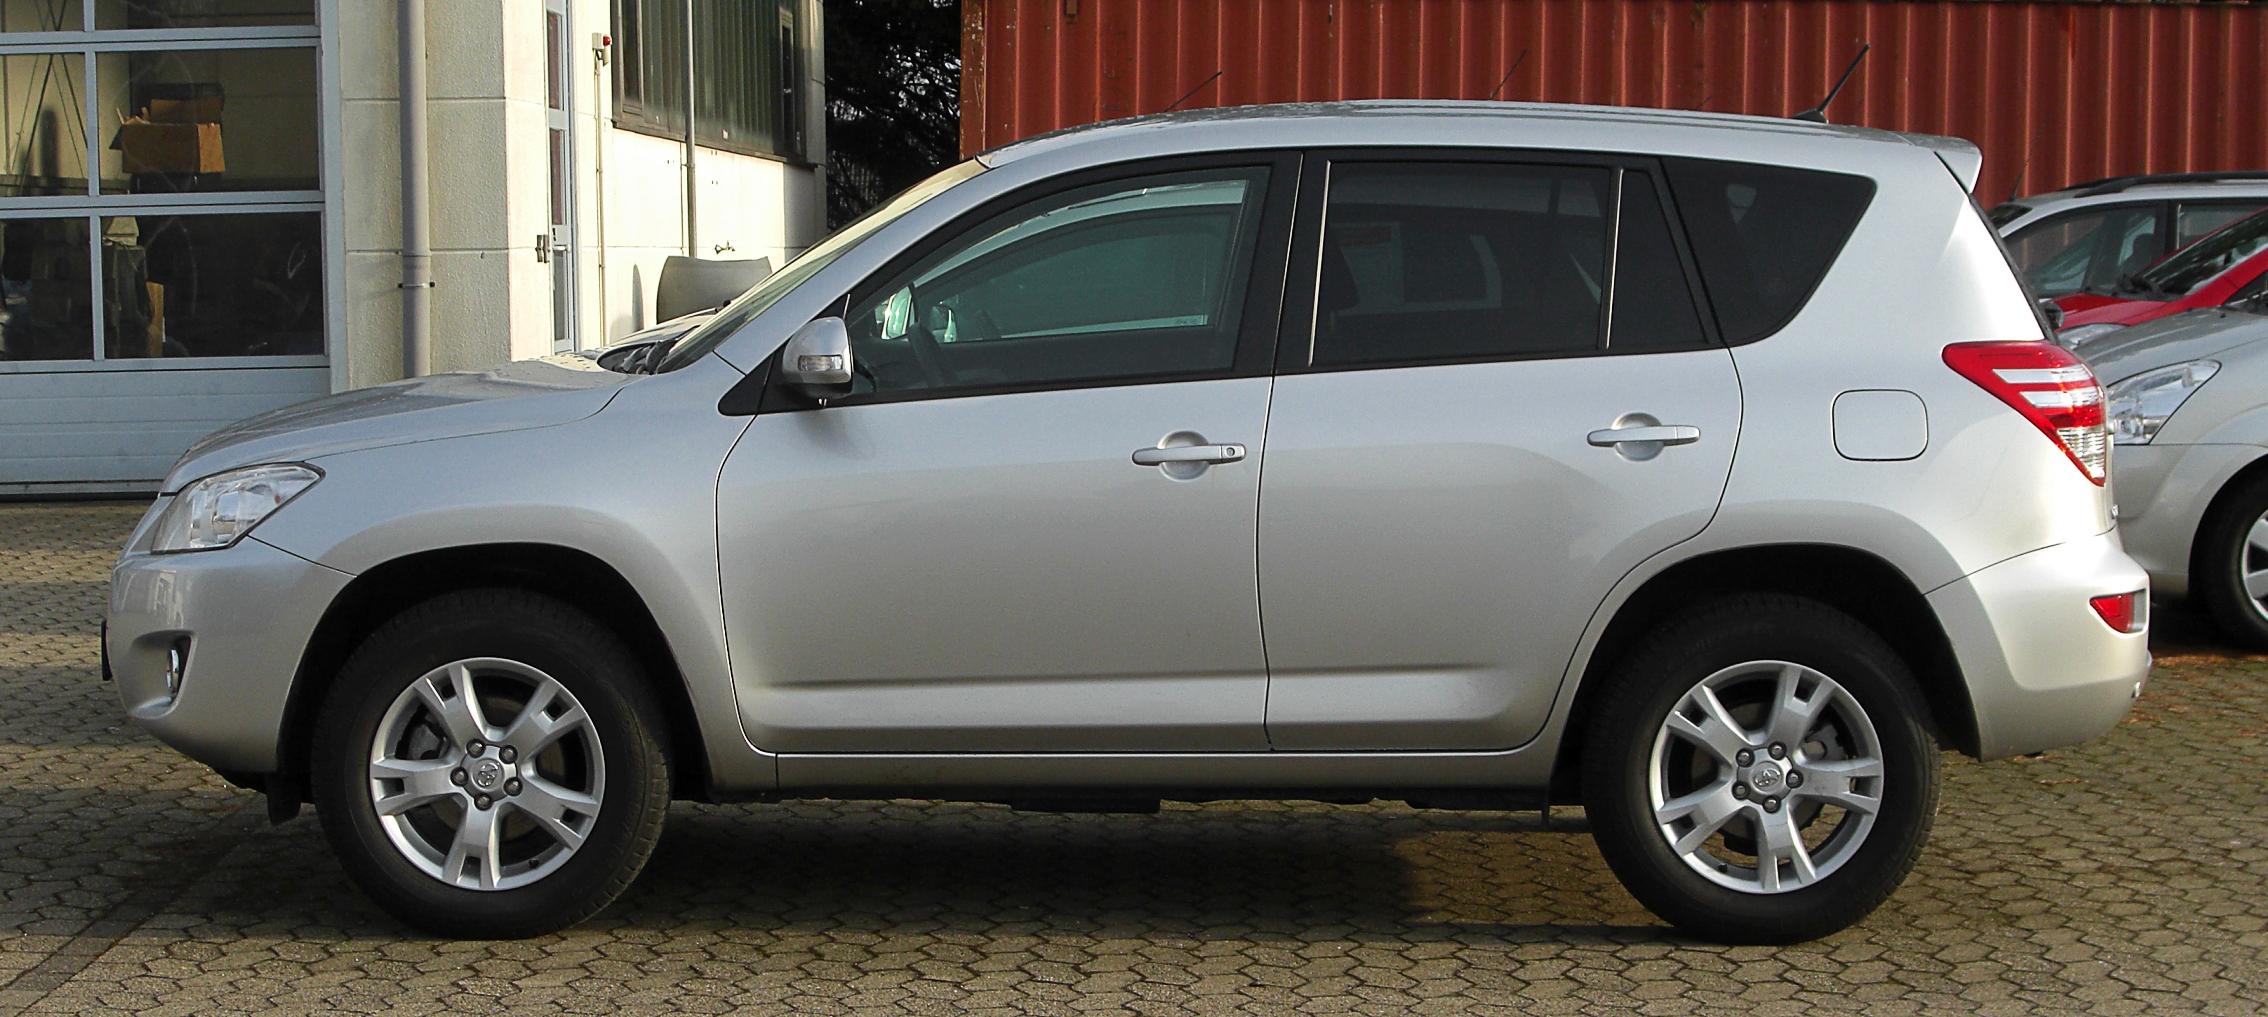 File:Toyota RAV4 (III, Facelift) – Seitenansicht, 13 ...